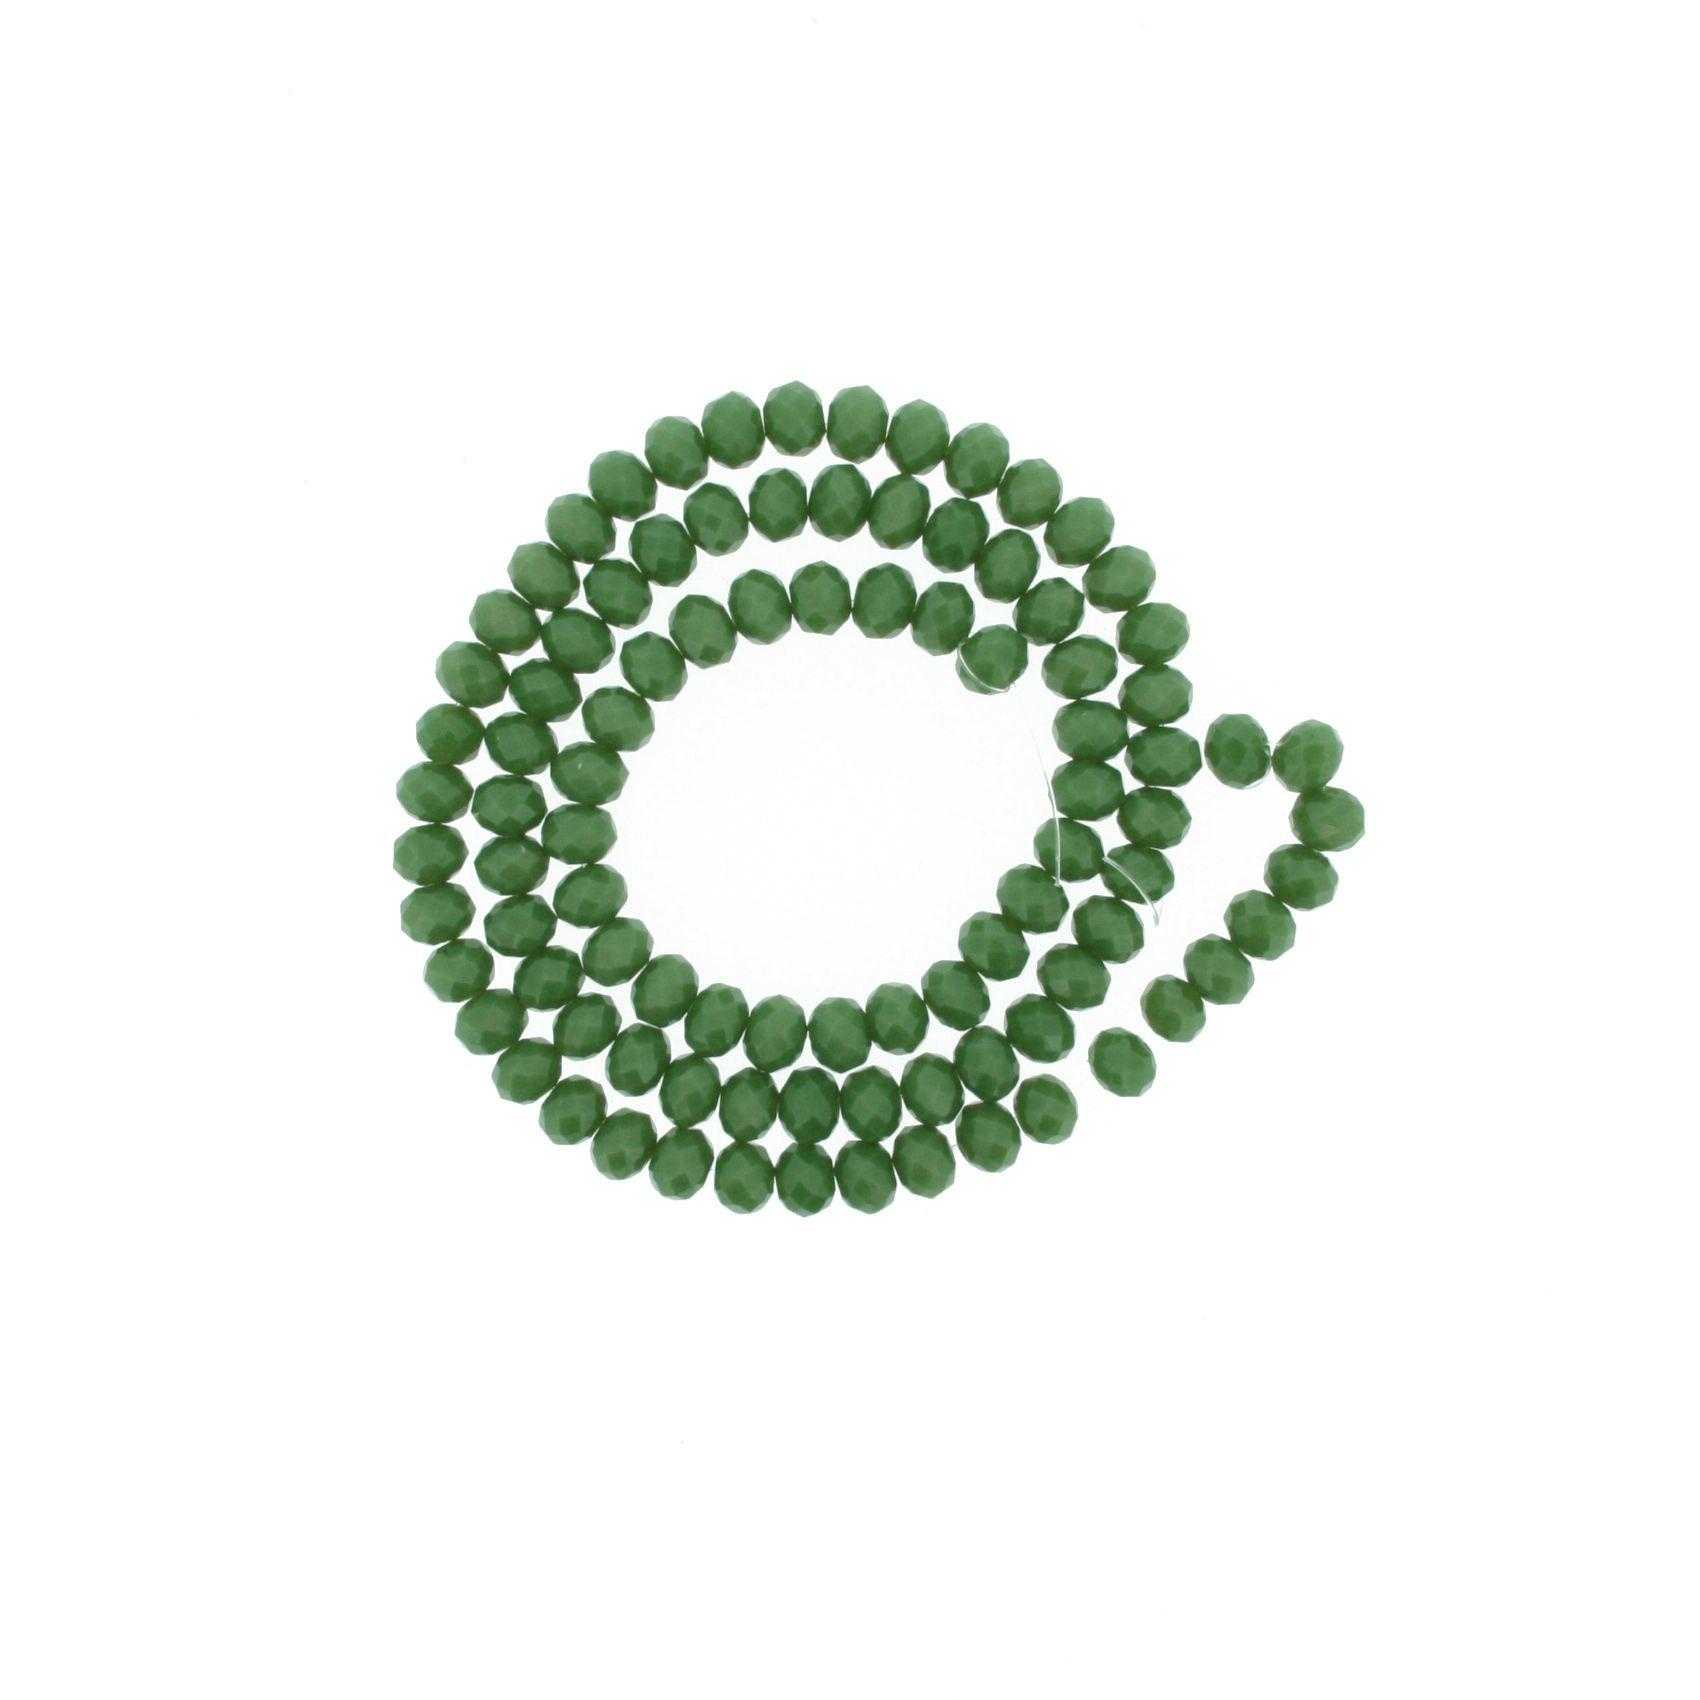 Fio de Cristal - Piatto® - Verde - 6mm  - Universo Religioso® - Artigos de Umbanda e Candomblé